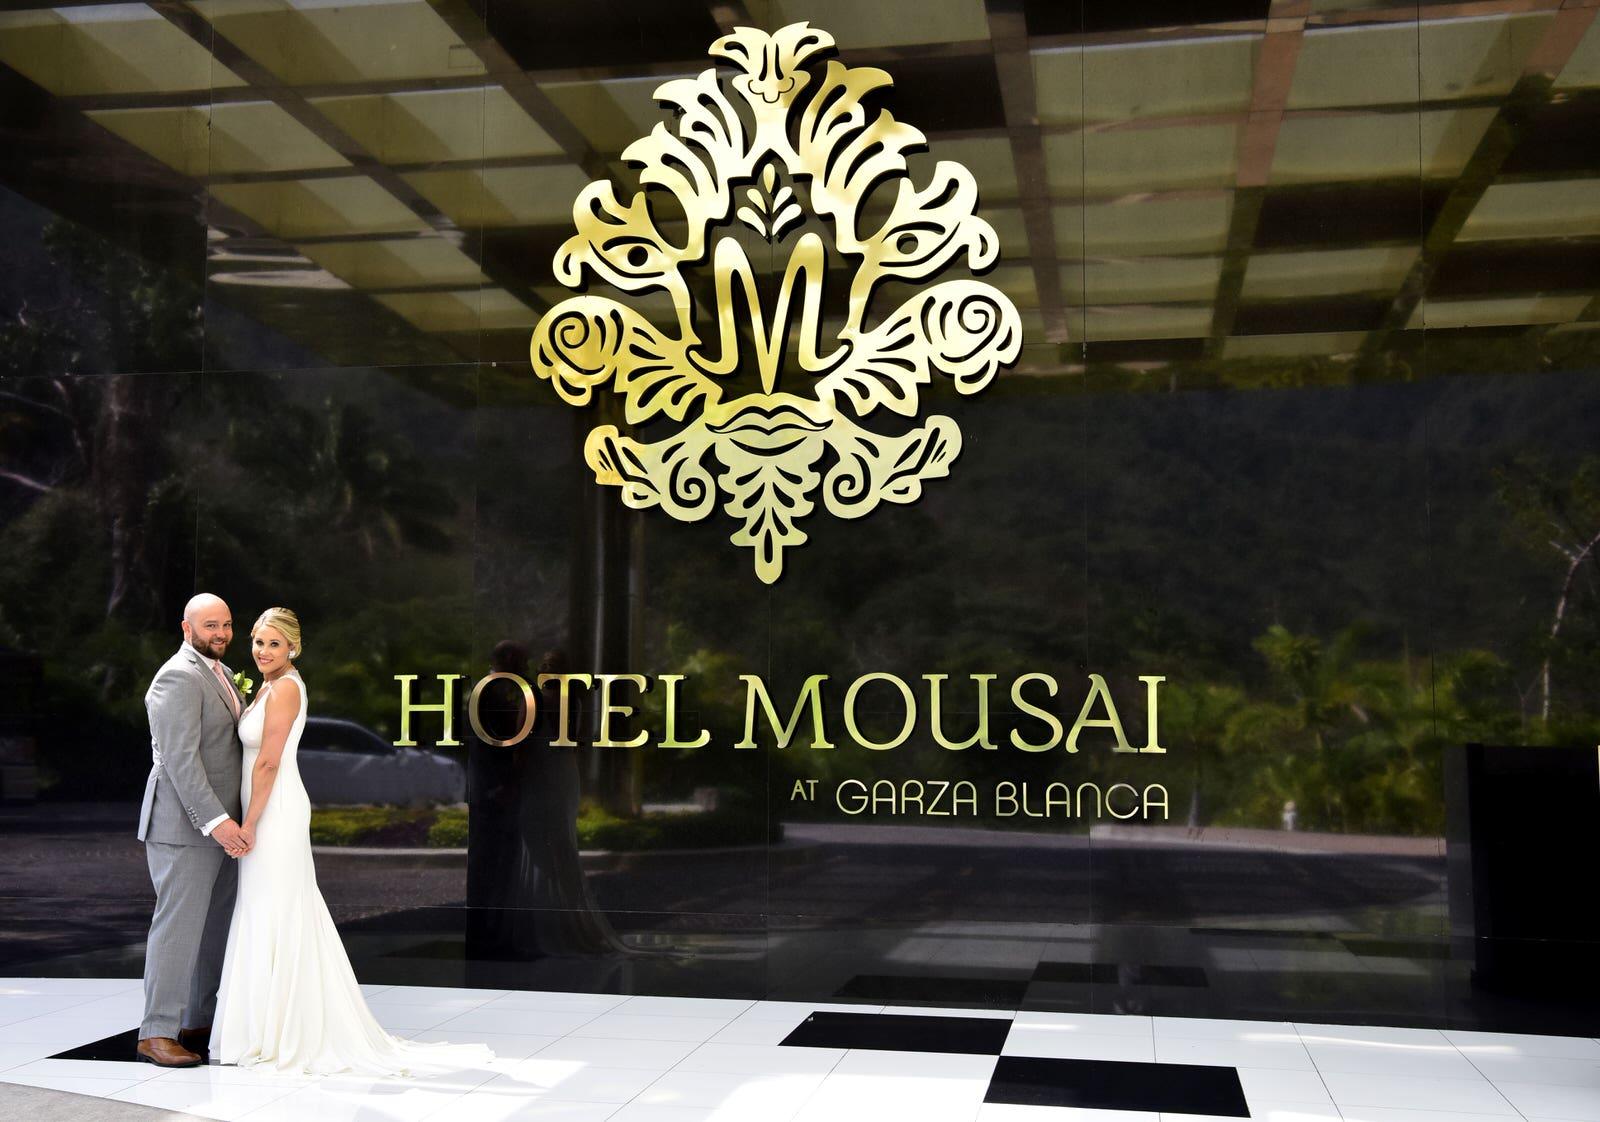 HOTEL MOUSAI, PUERTO VALLARTA